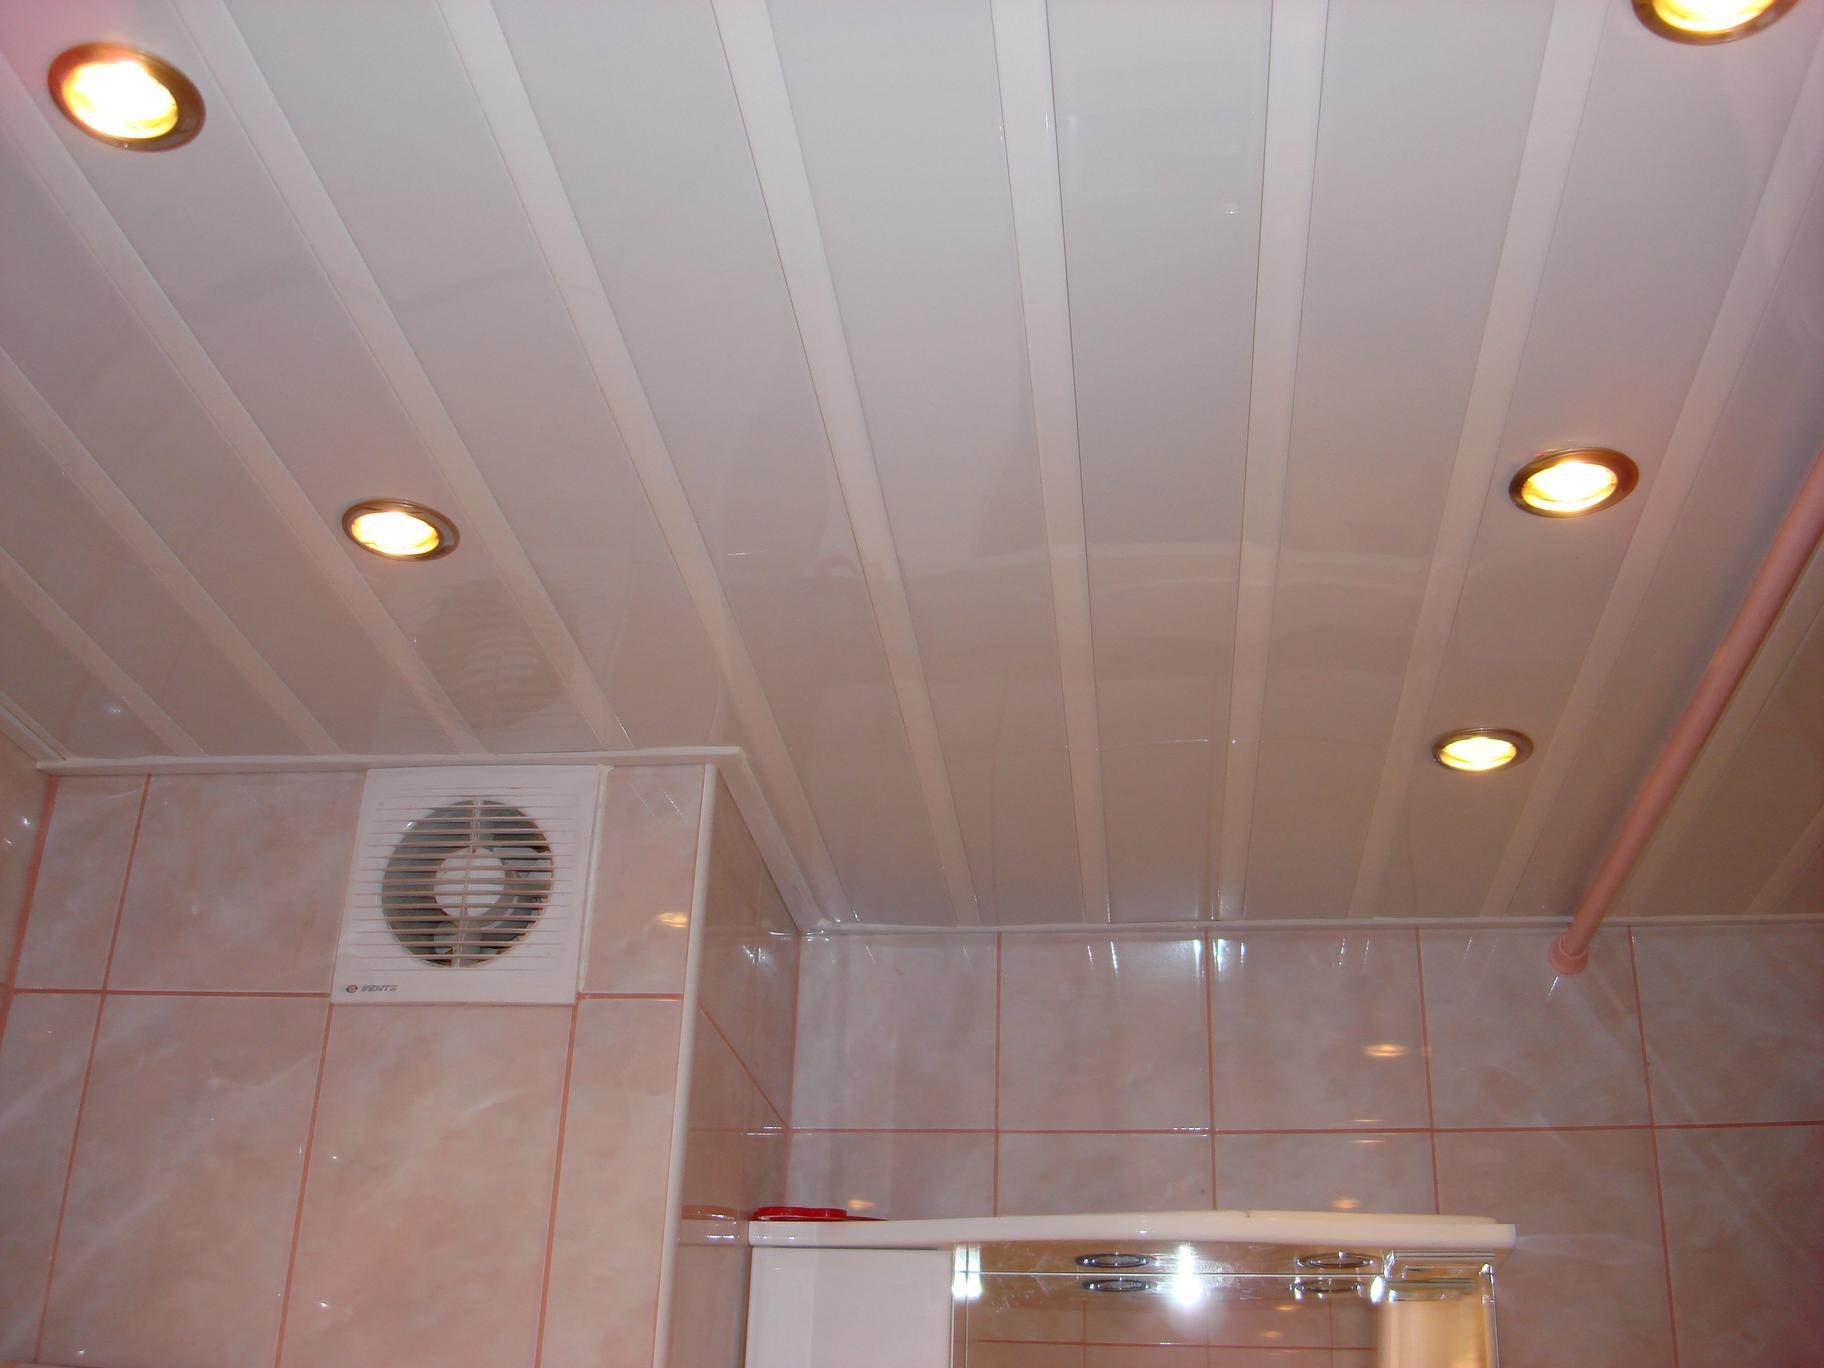 Потолок обшитый ПВХ панелями